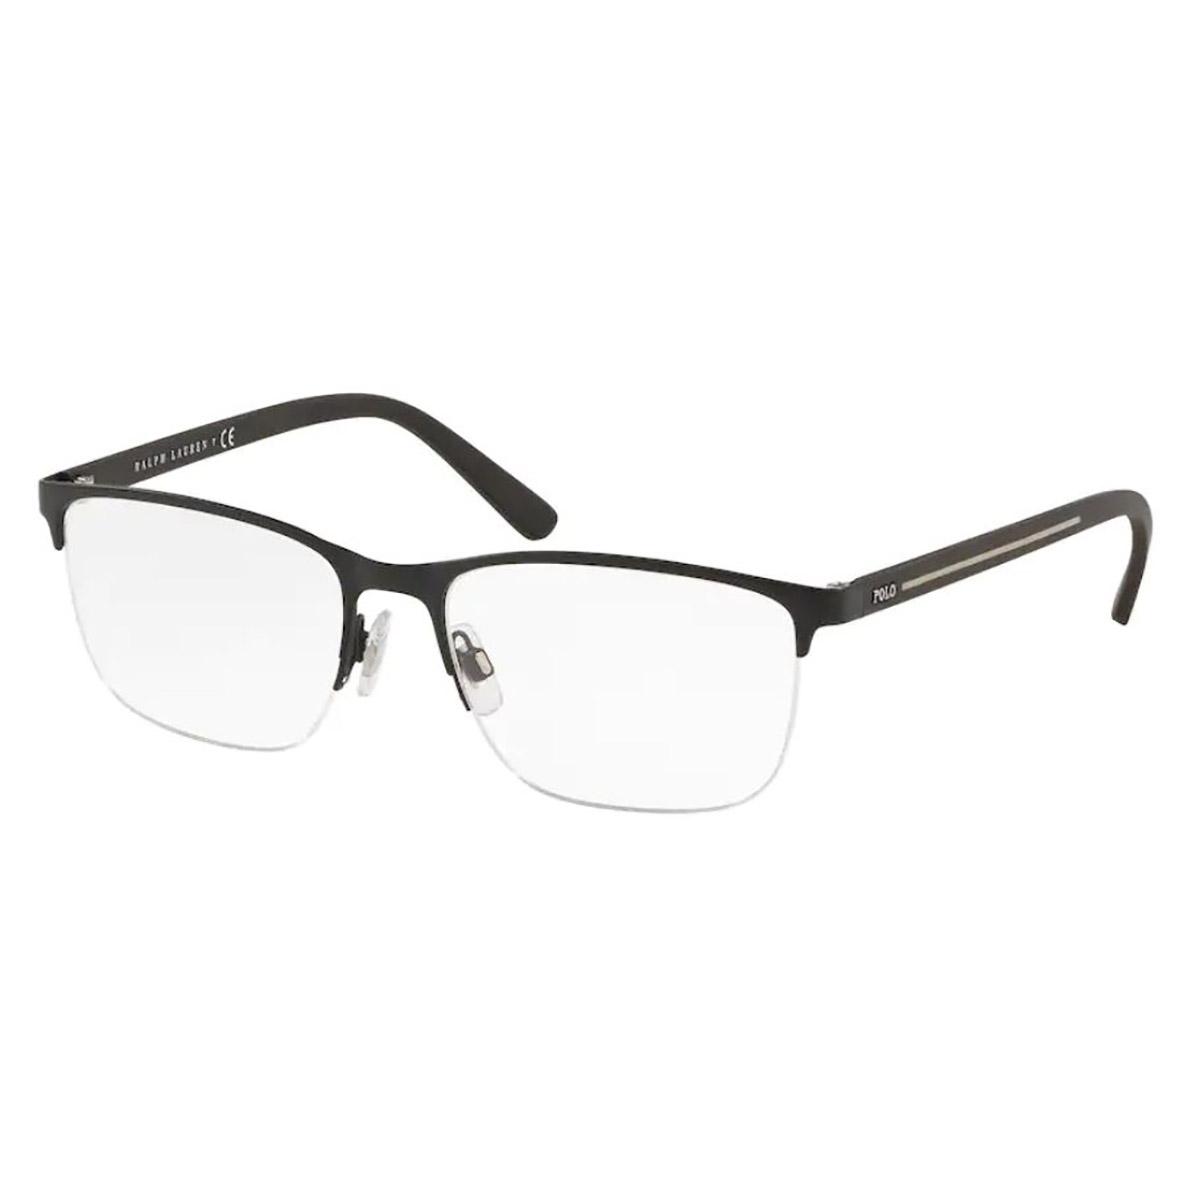 Óculos de Grau Polo Ralph Lauren PH1187 Preto Fosco Fio de Nylon